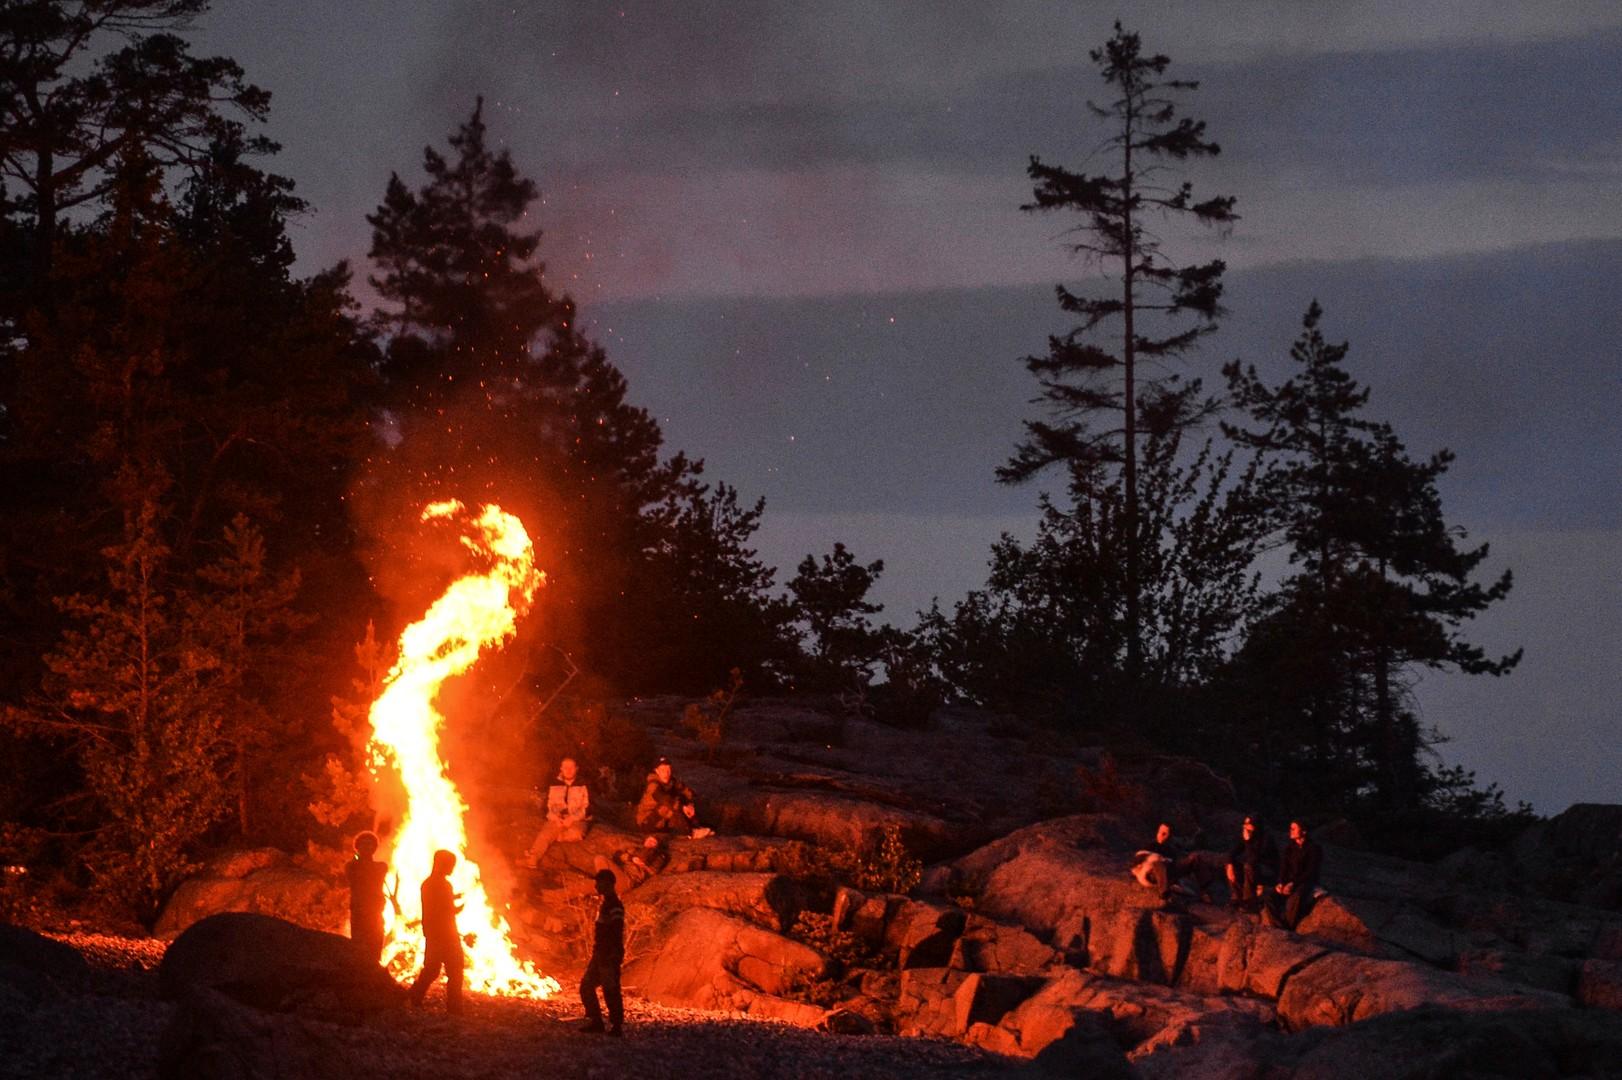 Участники экологической вахты сжигают собранный мусор на берегу Финского залива во время комплексной экспедиции Русского географического общества «Гогланд» на острове Гогланд.